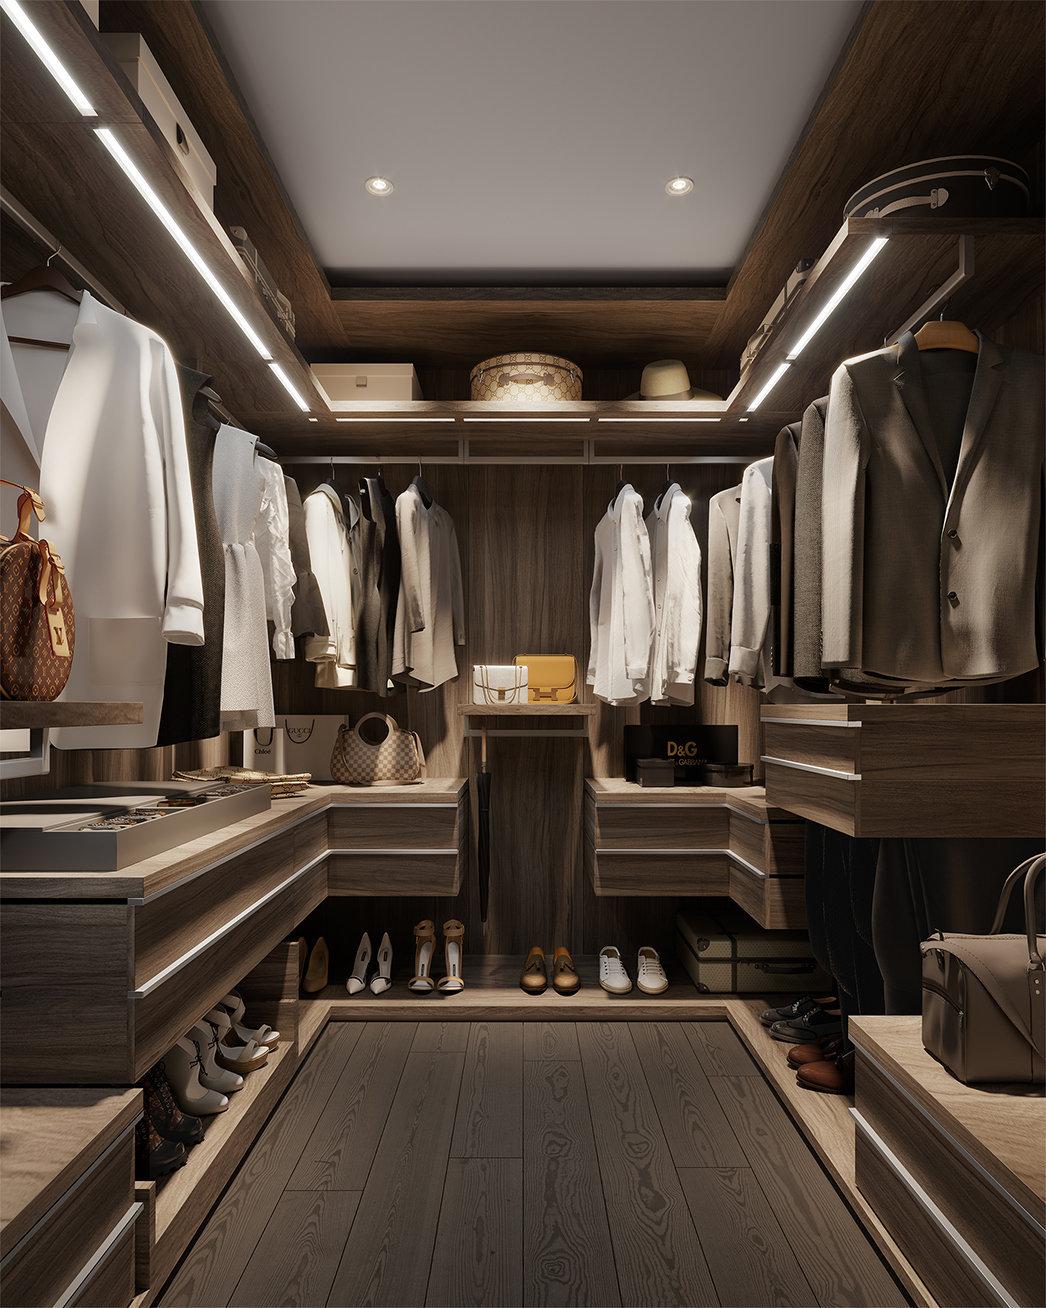 Tesoro - 1551 Quebec St - Closet!